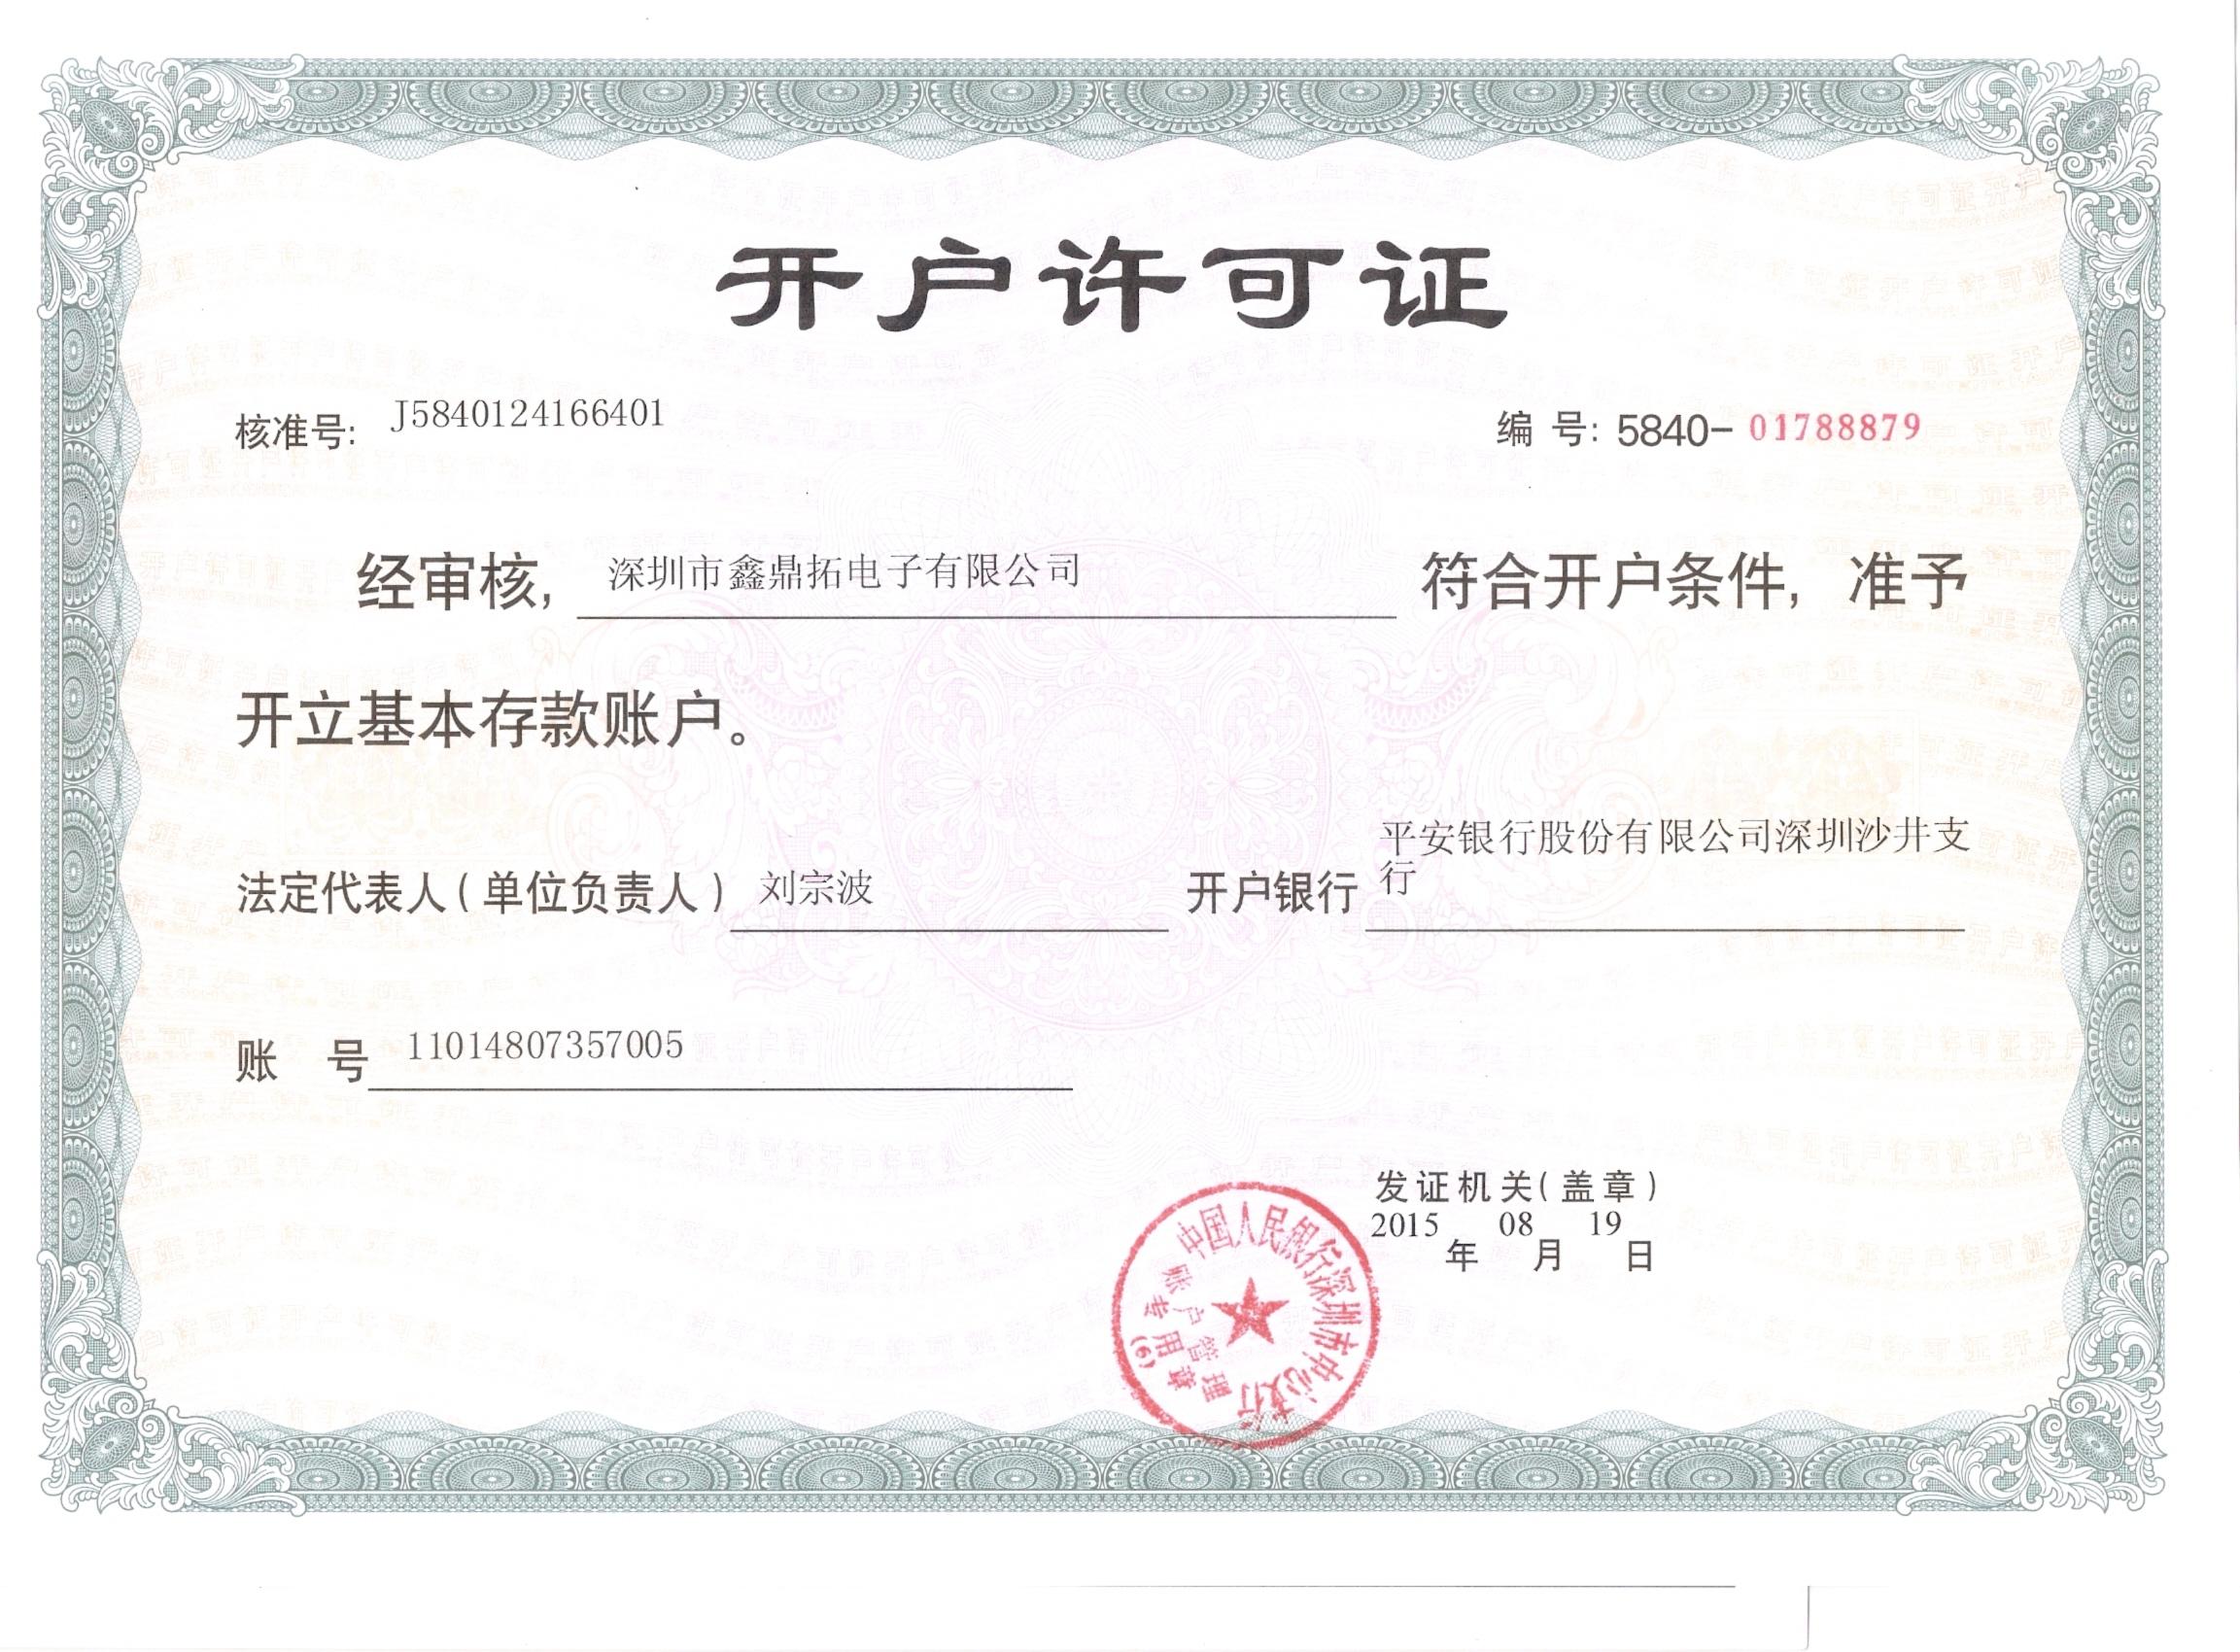 榮譽證書-開戶許可證